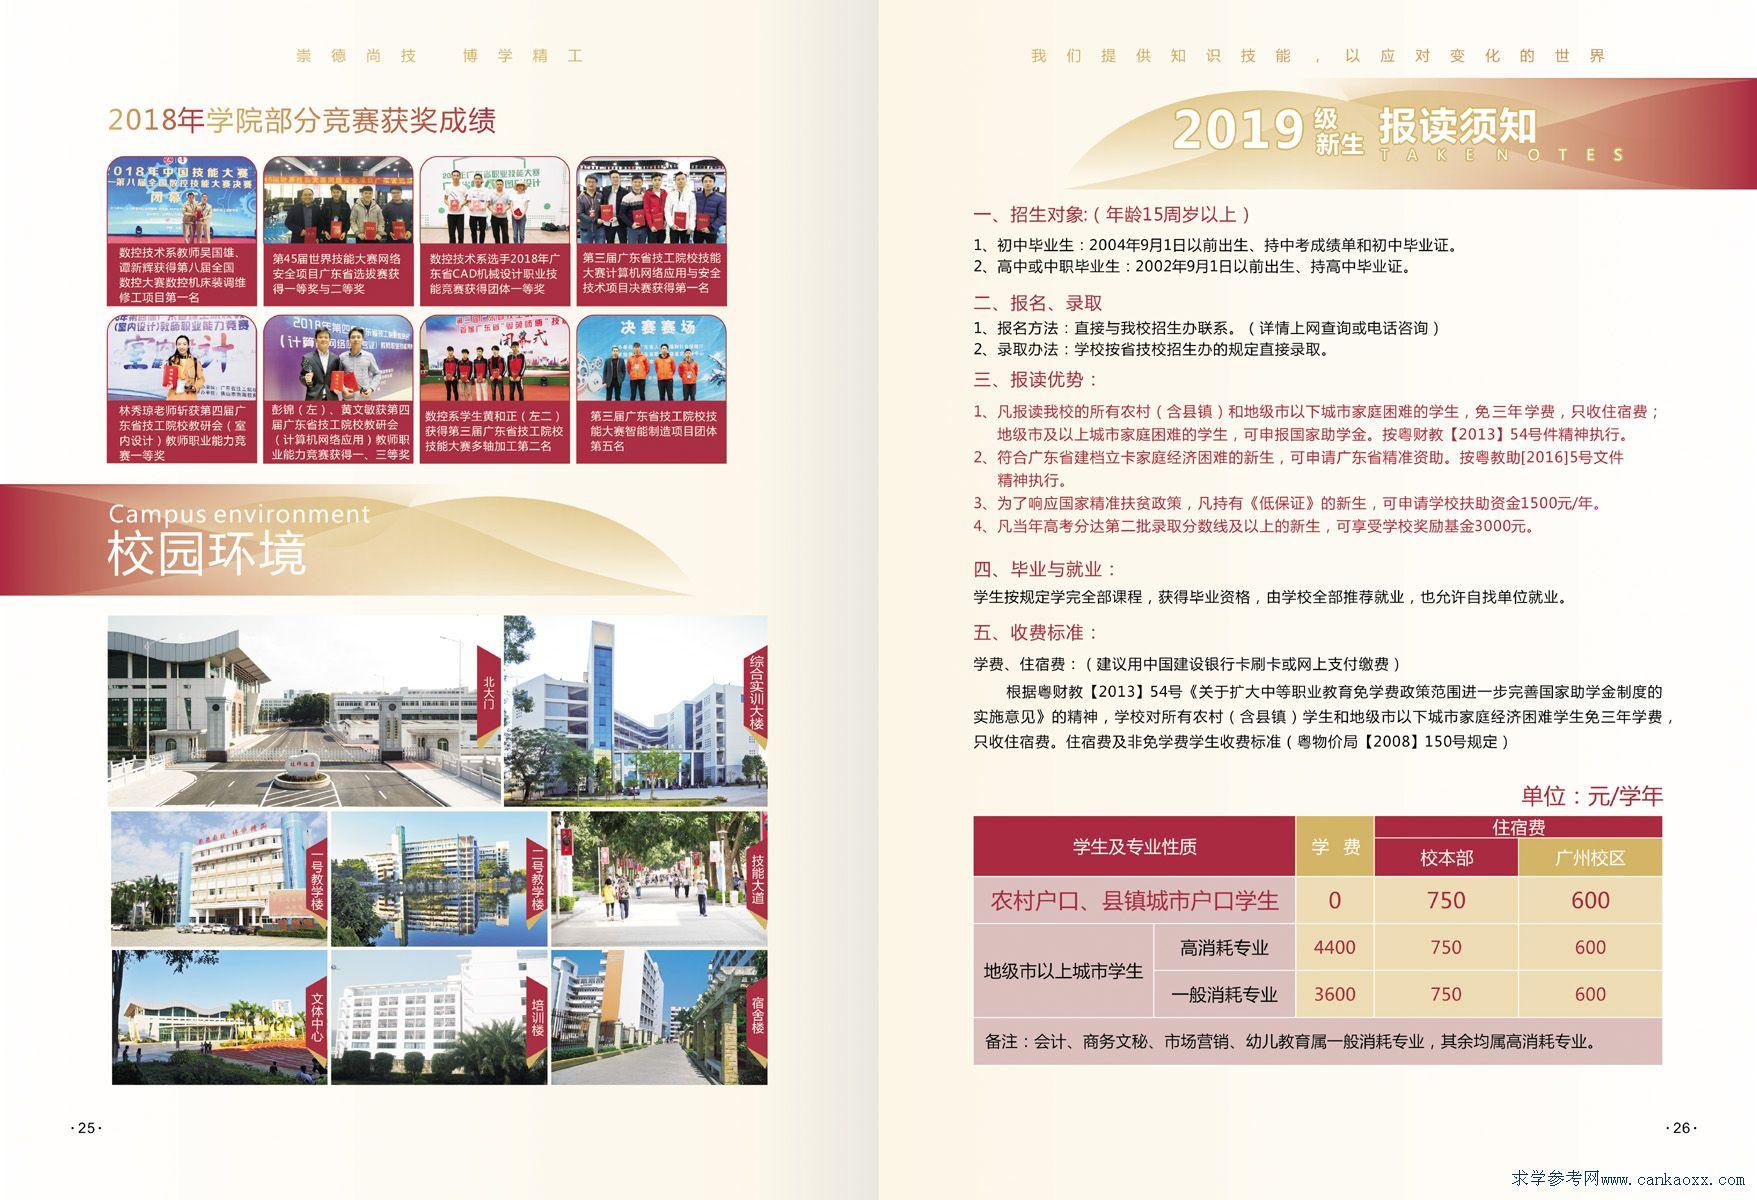 2019年广东省技师学院招生简章(图)(16)